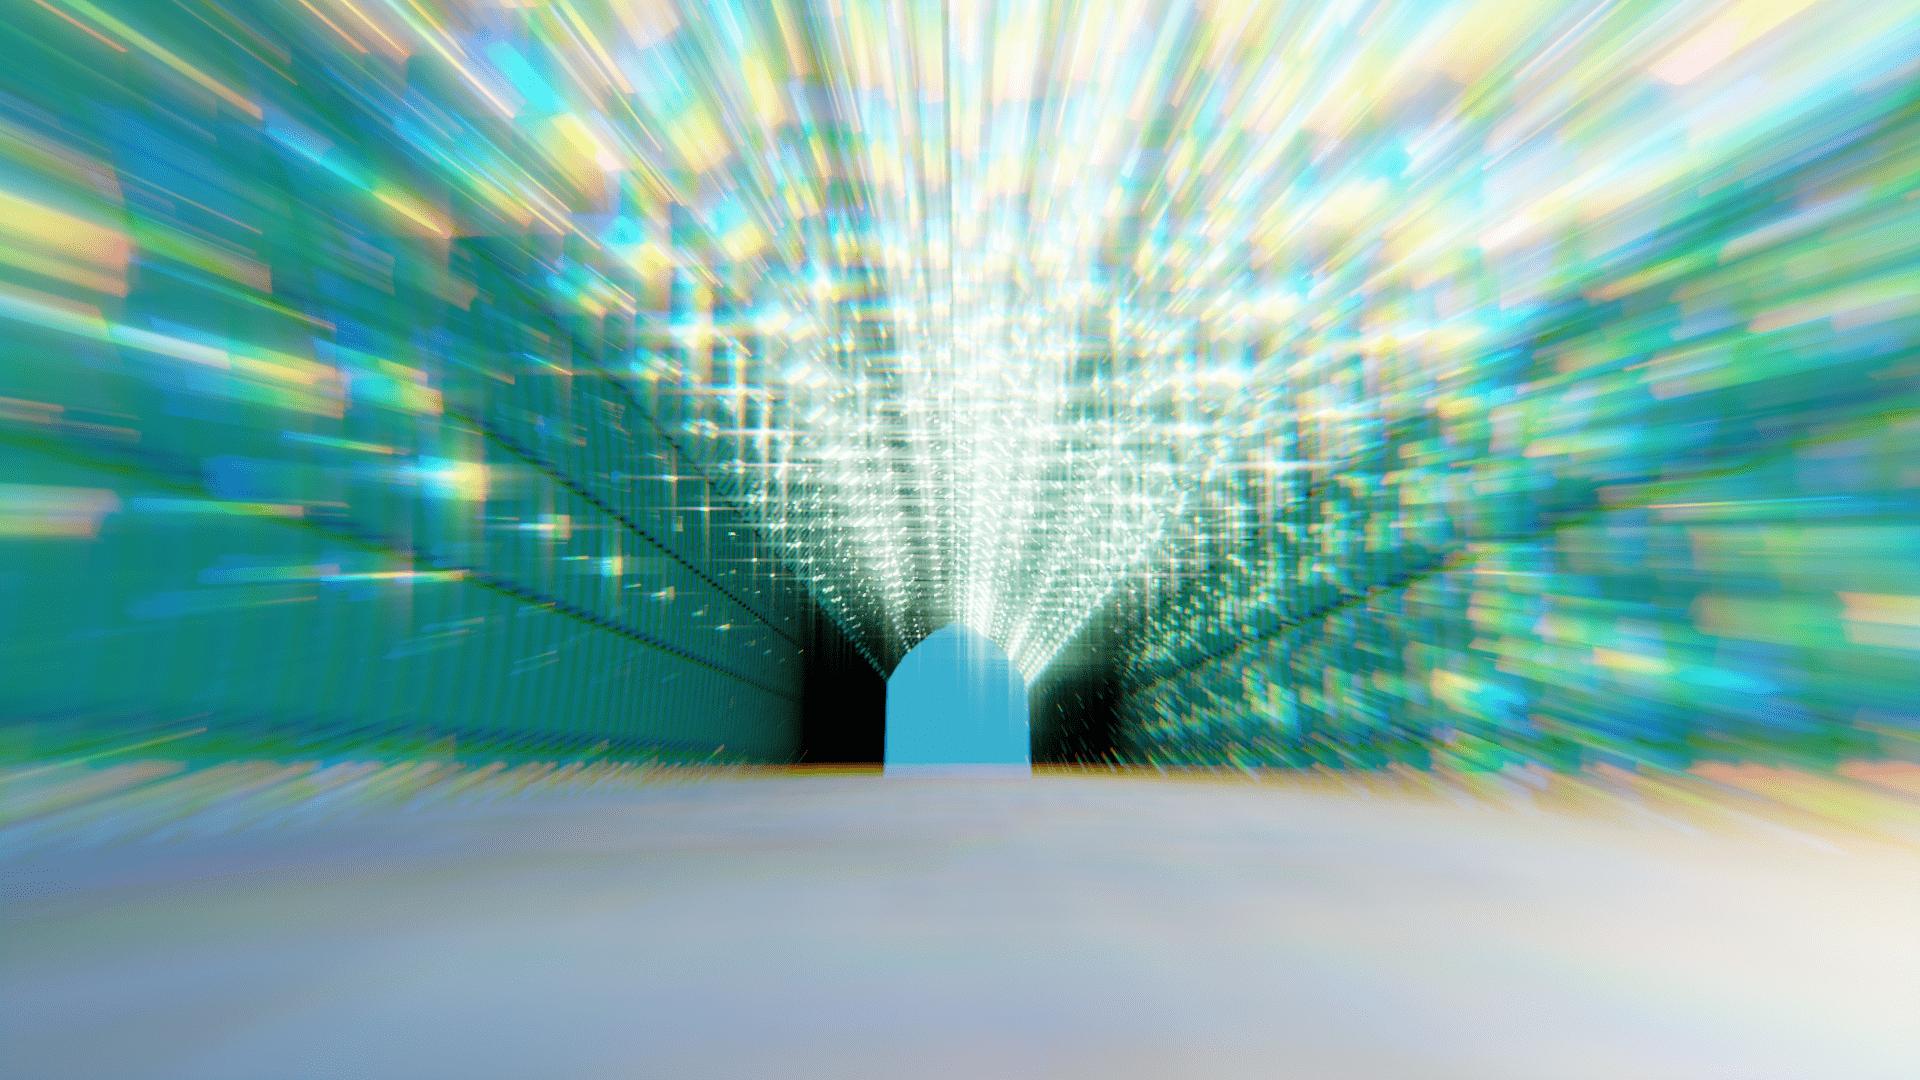 [Blender 2.8] オブジェクト間で変形データを転送 [サーフェス変形モディファイアー]